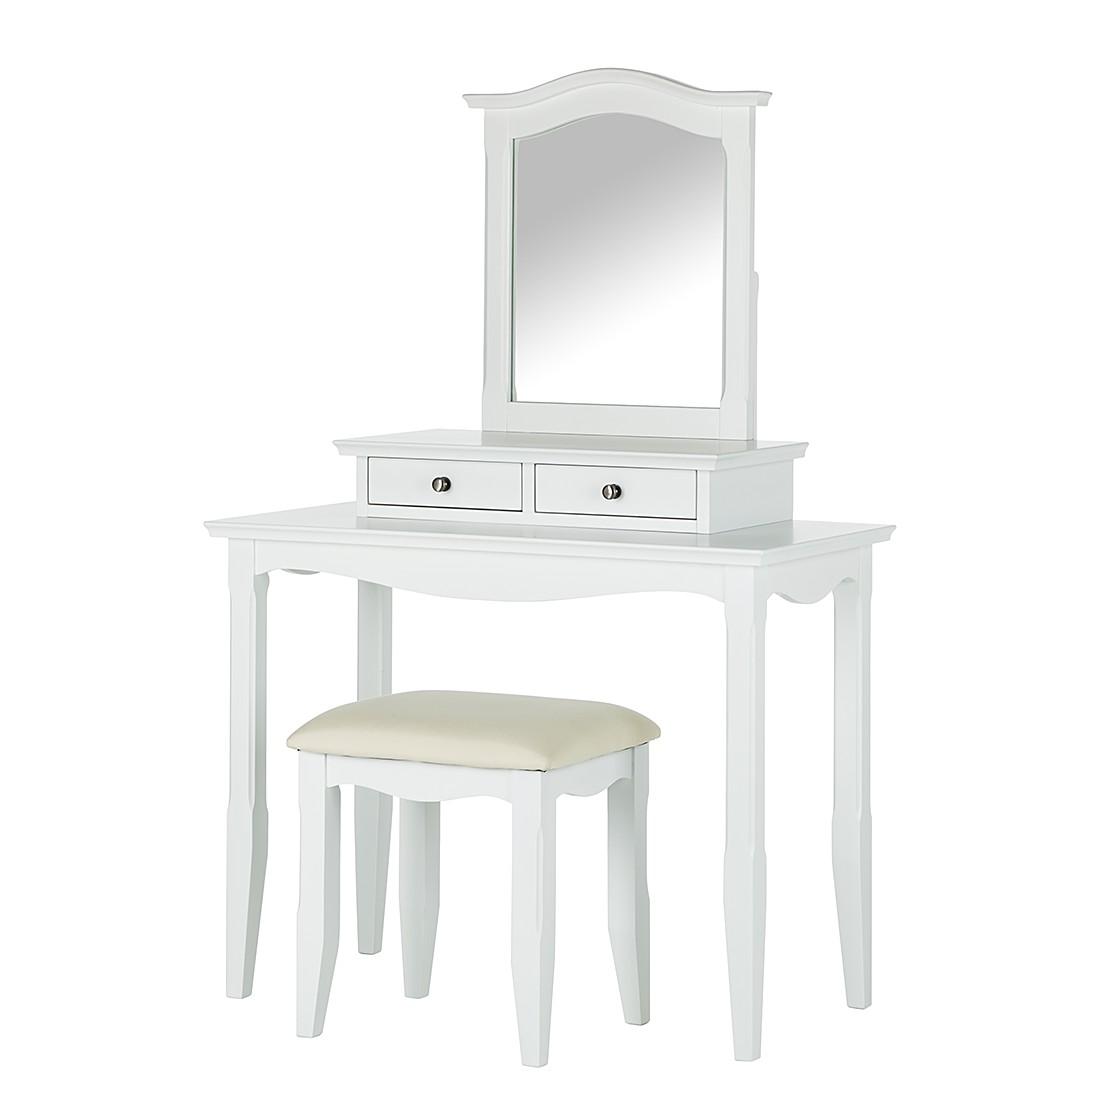 schminktisch wei g nstig kaufen. Black Bedroom Furniture Sets. Home Design Ideas